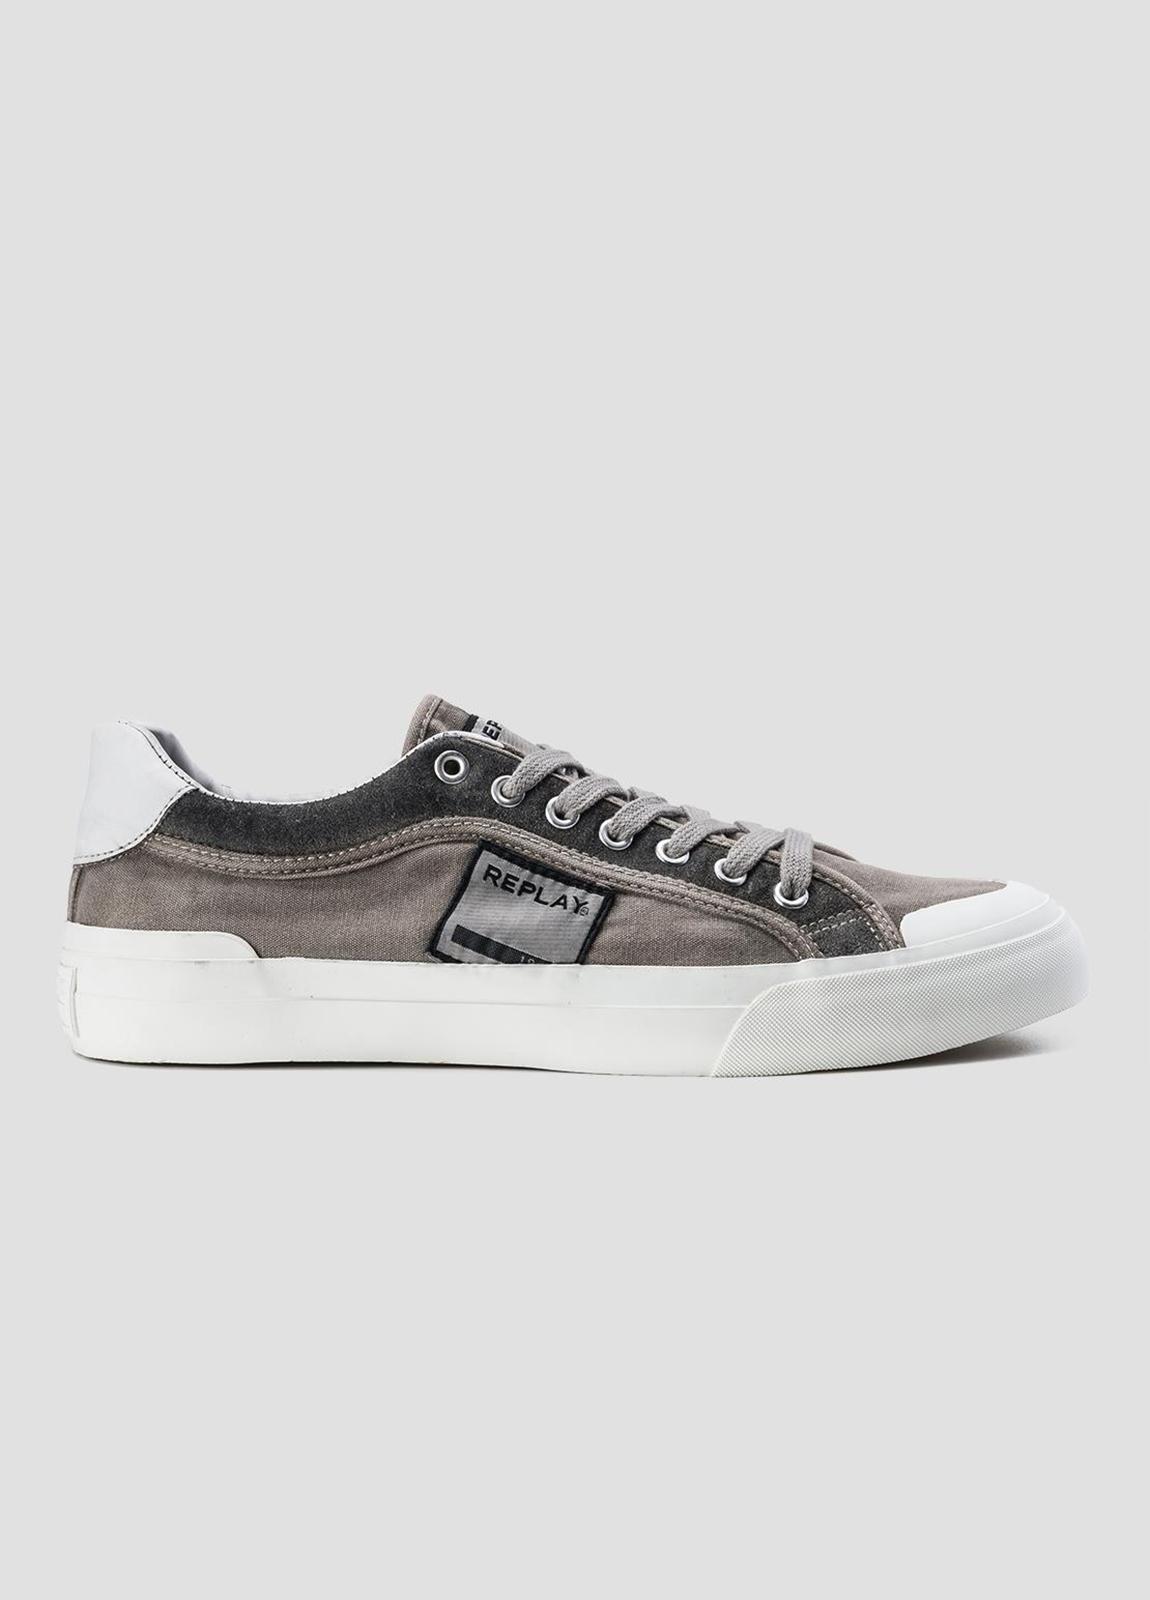 Calzado sport modelo DAWSON con cordones color gris. 100% Algodón.